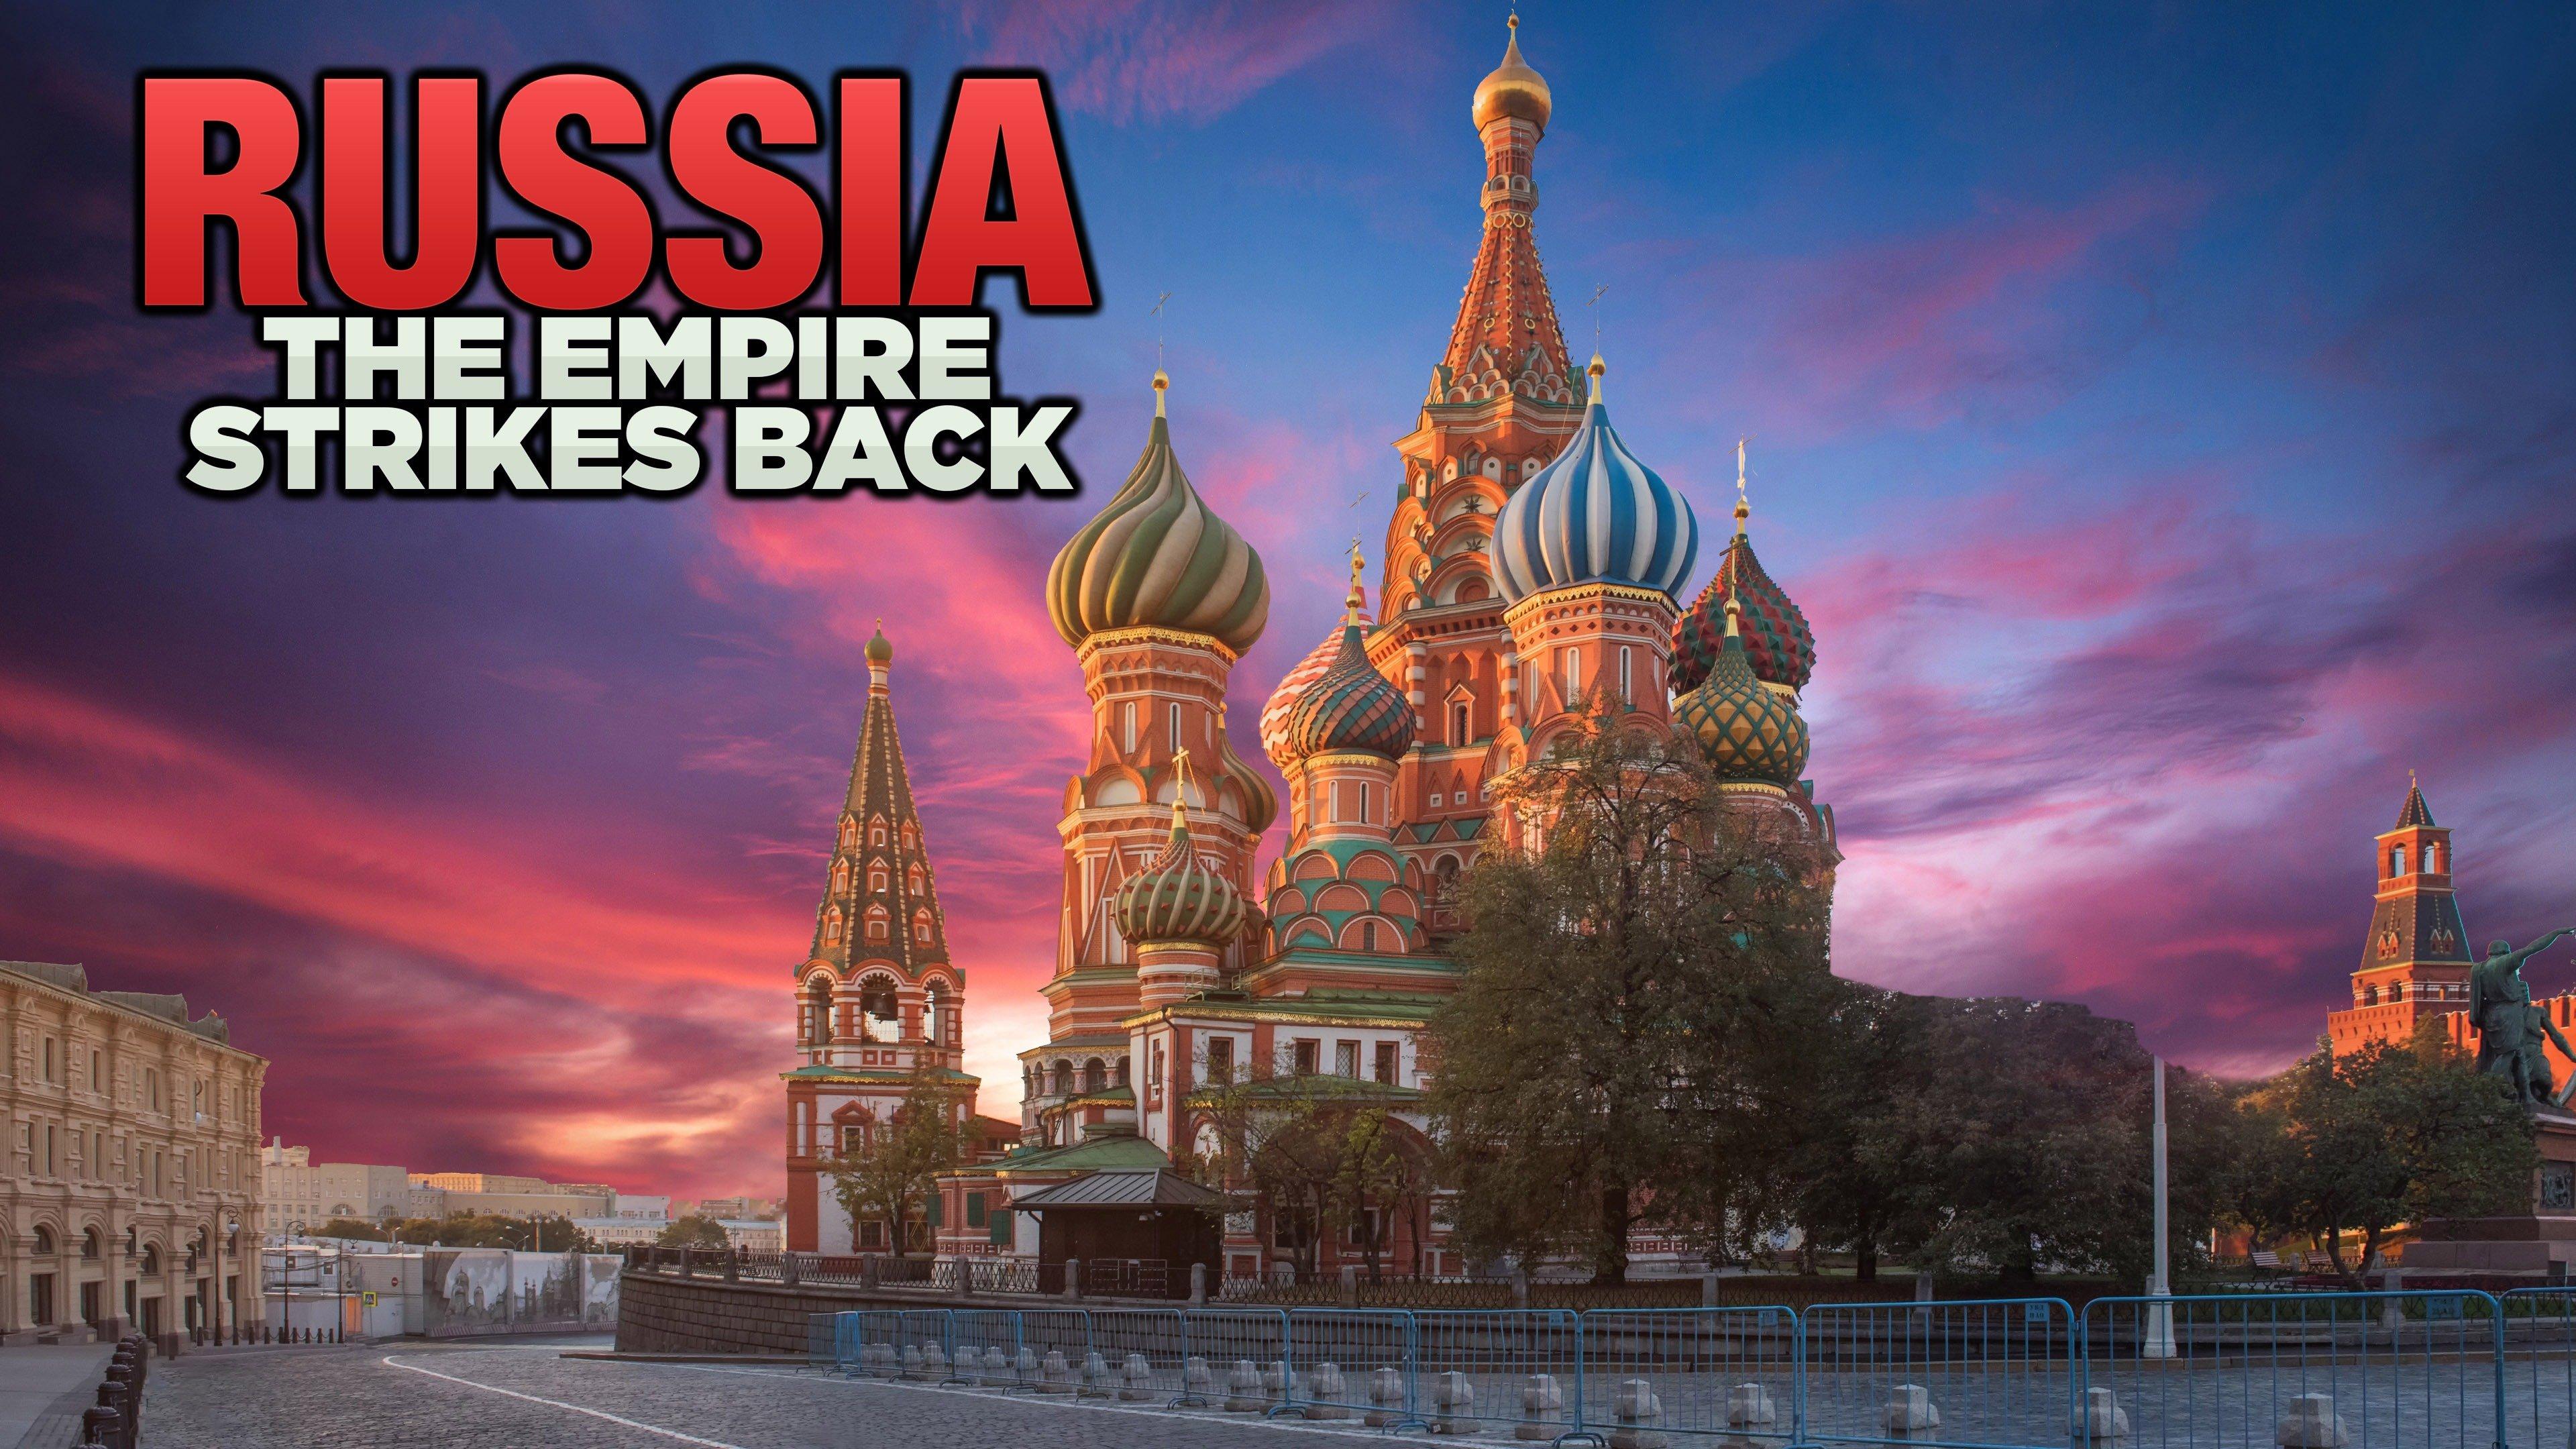 Russia - The Empire Strikes Back